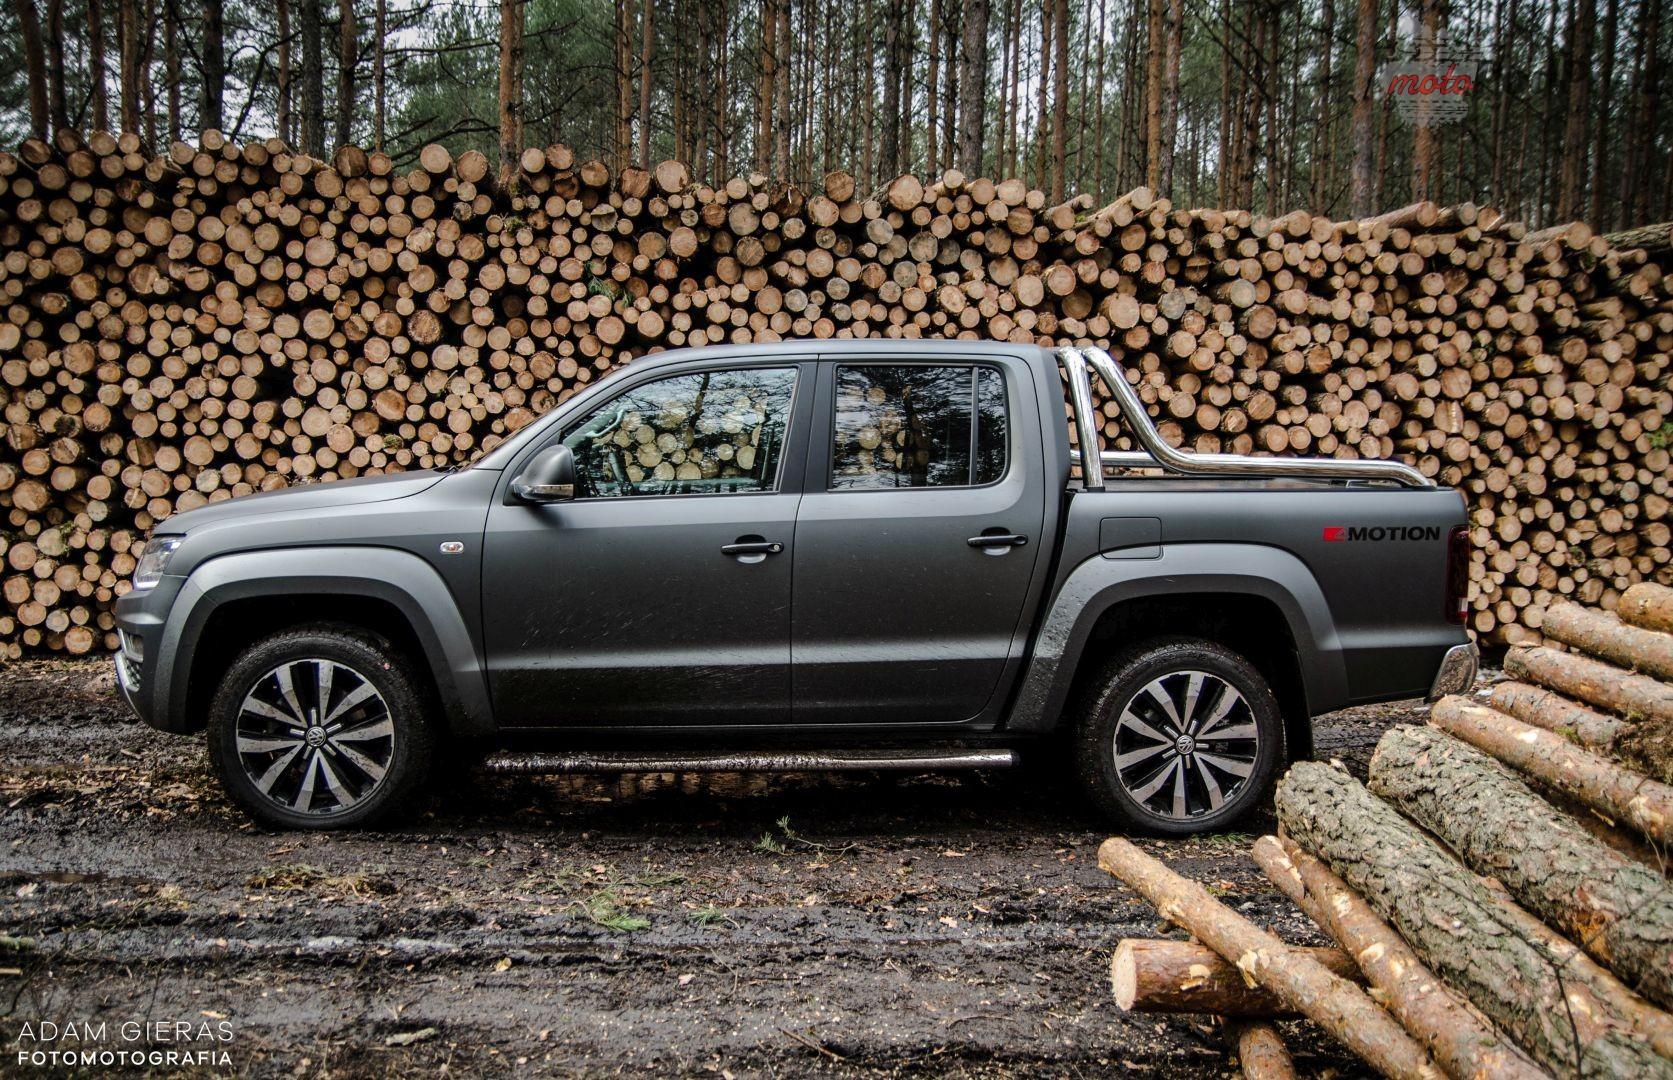 vw amarok 36 Test: Volkswagen Amarok 3.0 V6 TDI Aventura – pakt z wilkami